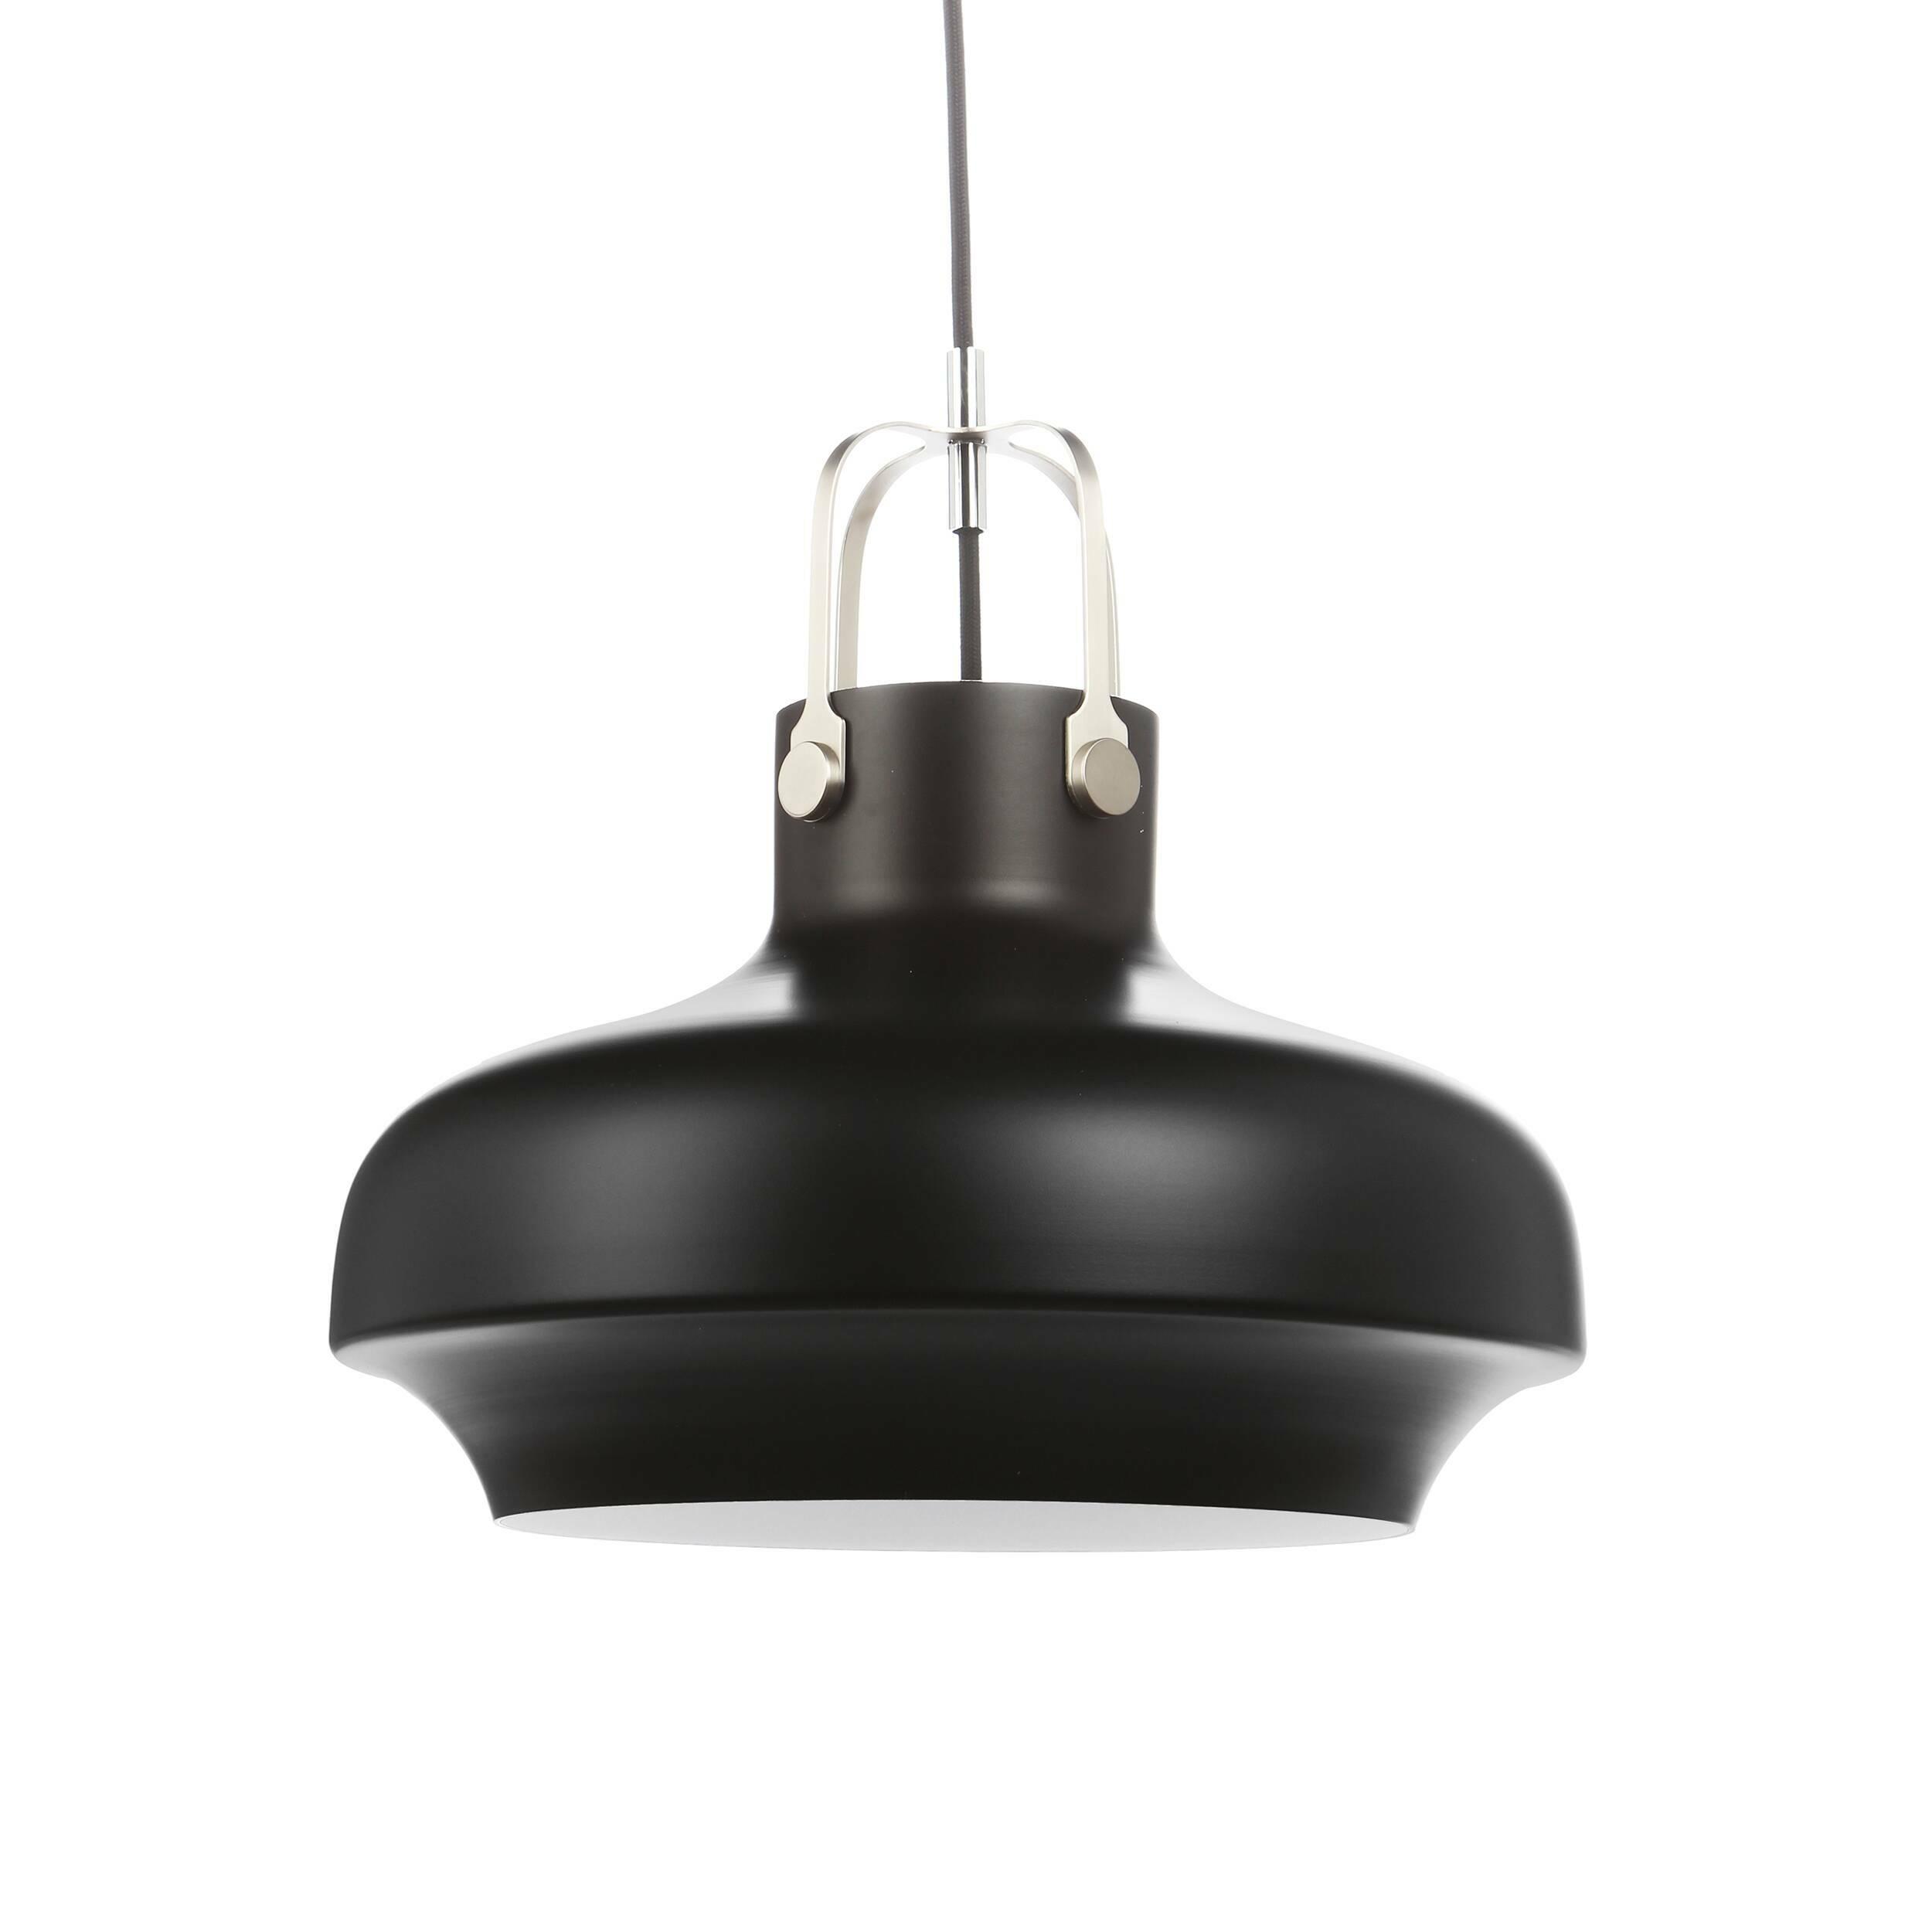 Подвесной светильник Copenhagen диаметр 35Подвесные<br>«Нам хотелось создать дизайн подвесного светильника с небольшим акцентом на индустриальный стиль, чтобы элегантность  и утонченность изделия никак не пострадала», — говорят дизайнеры светильника Copenhagen. <br><br><br> Подвесной светильник Copenhagen диаметр 35 — это наглядный пример гармонии контрастных цветов. Комбинирование современного и классического дизайна, морской и индустриальной стилистики рождают стильный подвесной светильник, которому нельзя отказать в красоте.<br><br><br> П...<br><br>stock: 0<br>Высота: 180<br>Диаметр: 35<br>Количество ламп: 1<br>Материал абажура: Алюминий<br>Мощность лампы: 40<br>Ламп в комплекте: Нет<br>Напряжение: 220<br>Тип лампы/цоколь: E27<br>Цвет абажура: Черный